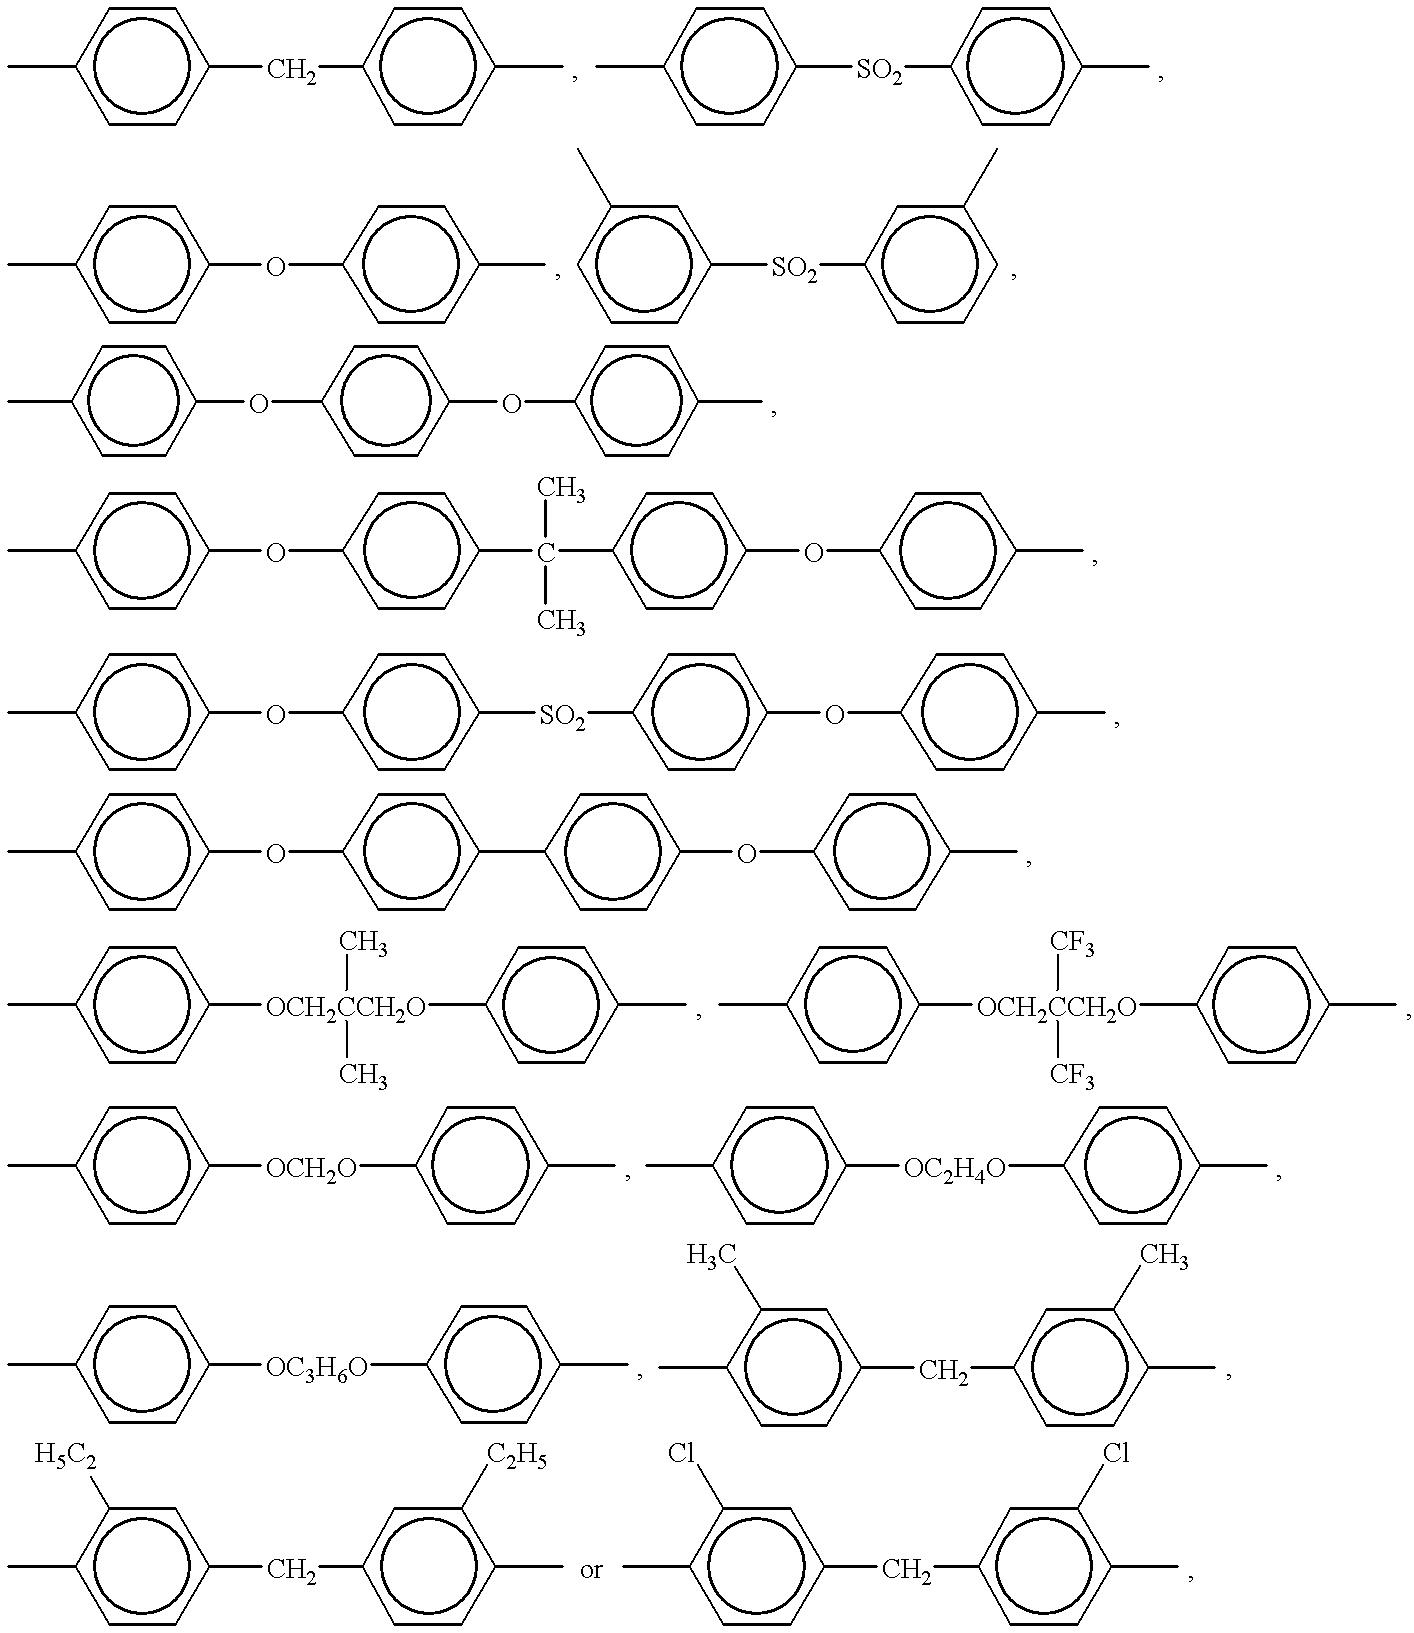 Figure US06180560-20010130-C00805